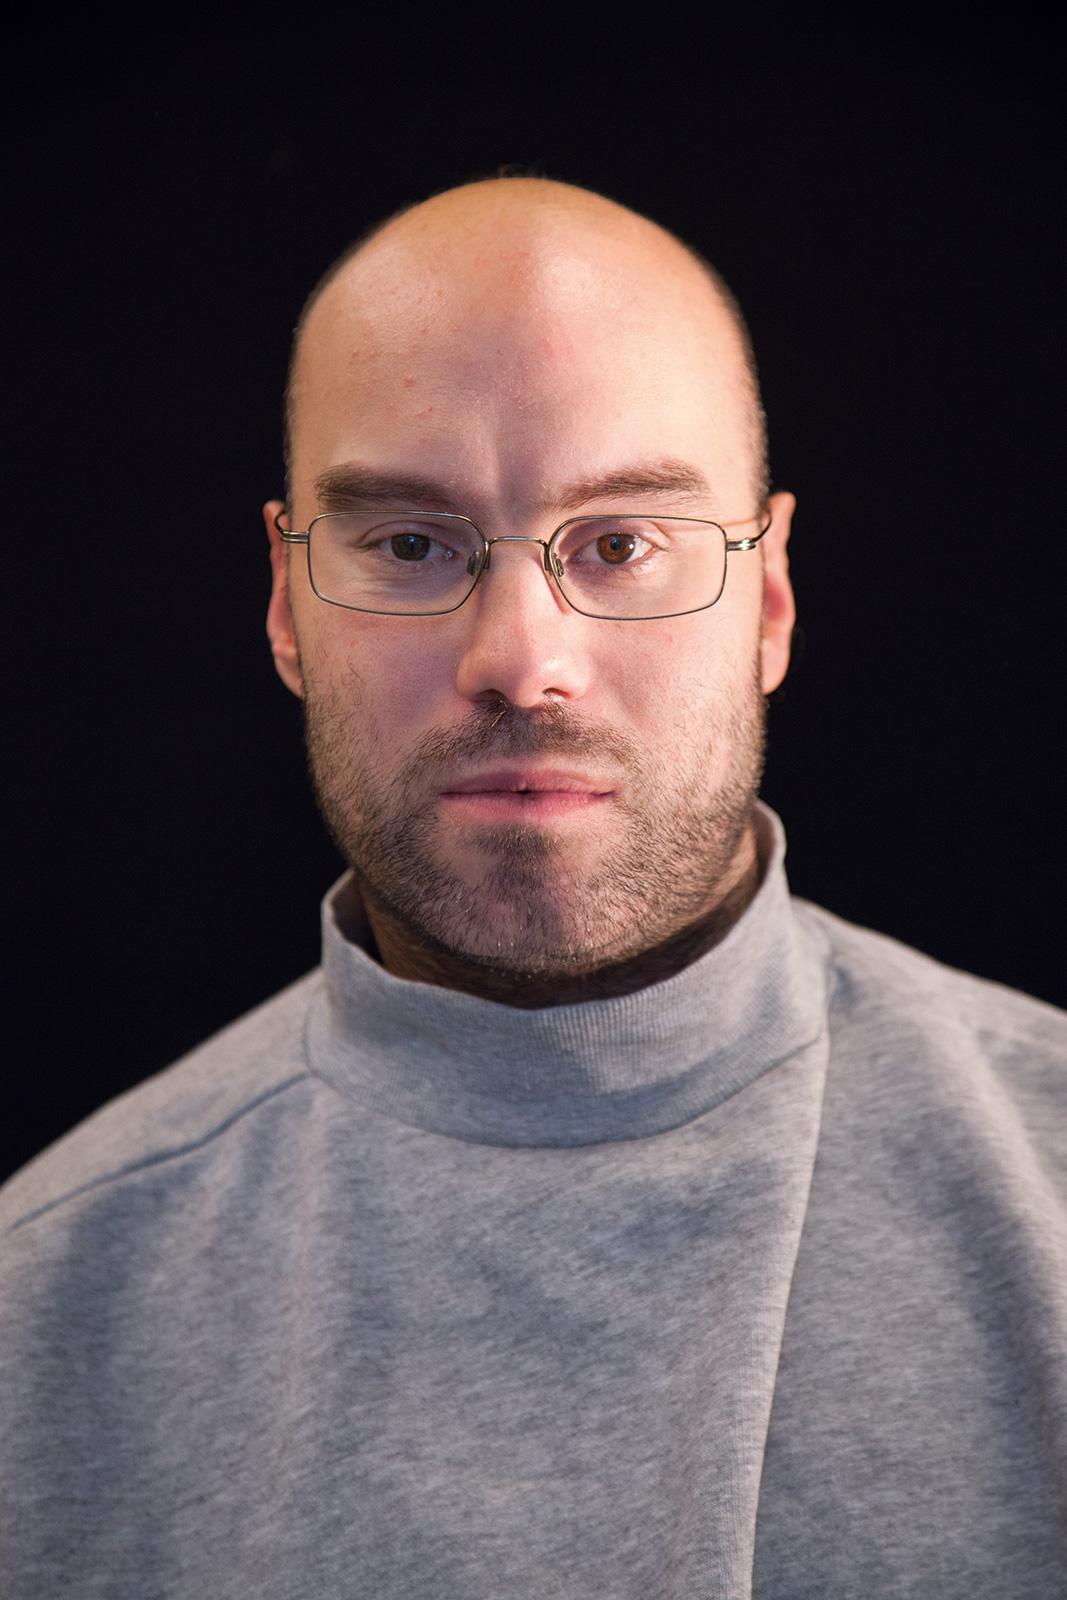 Julius Bockelt